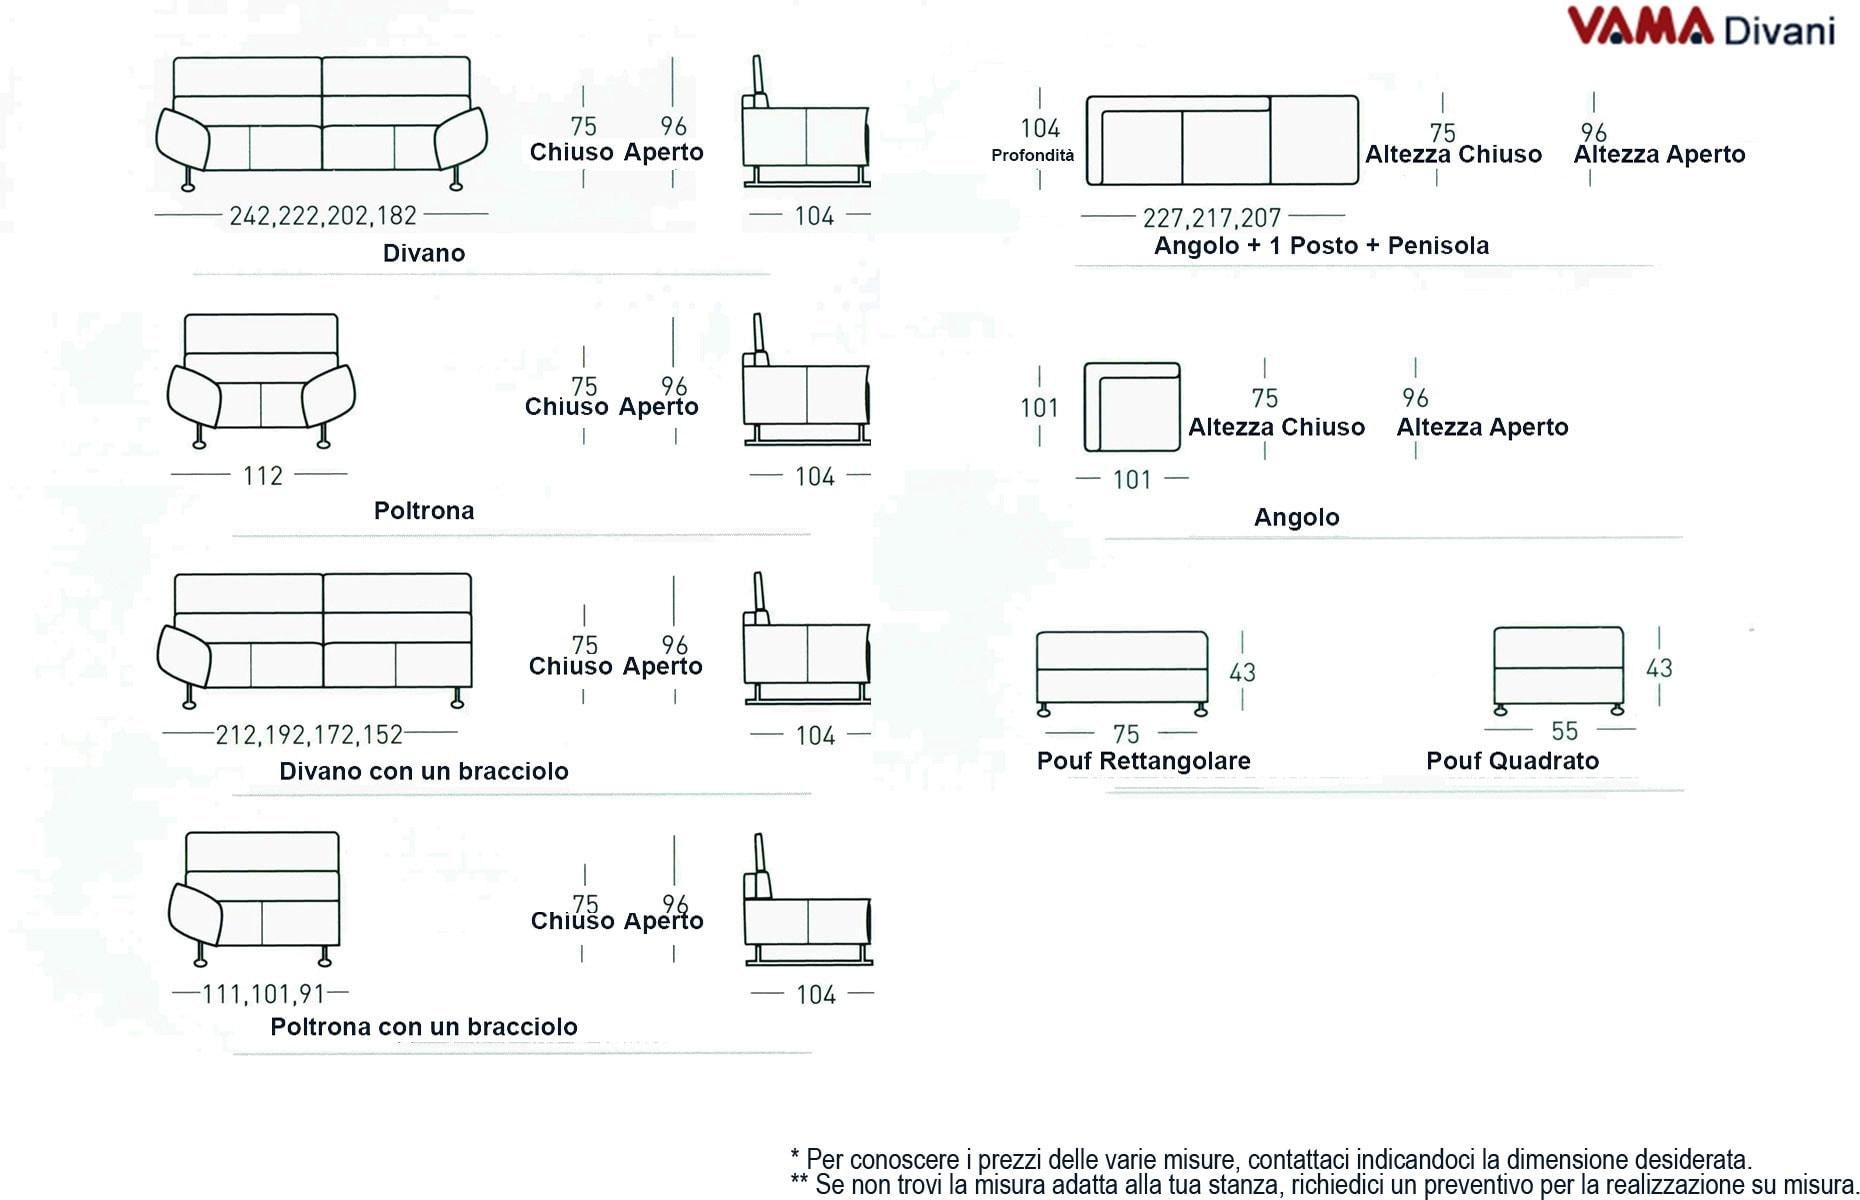 Divano domino vama divani for Dimensioni divano